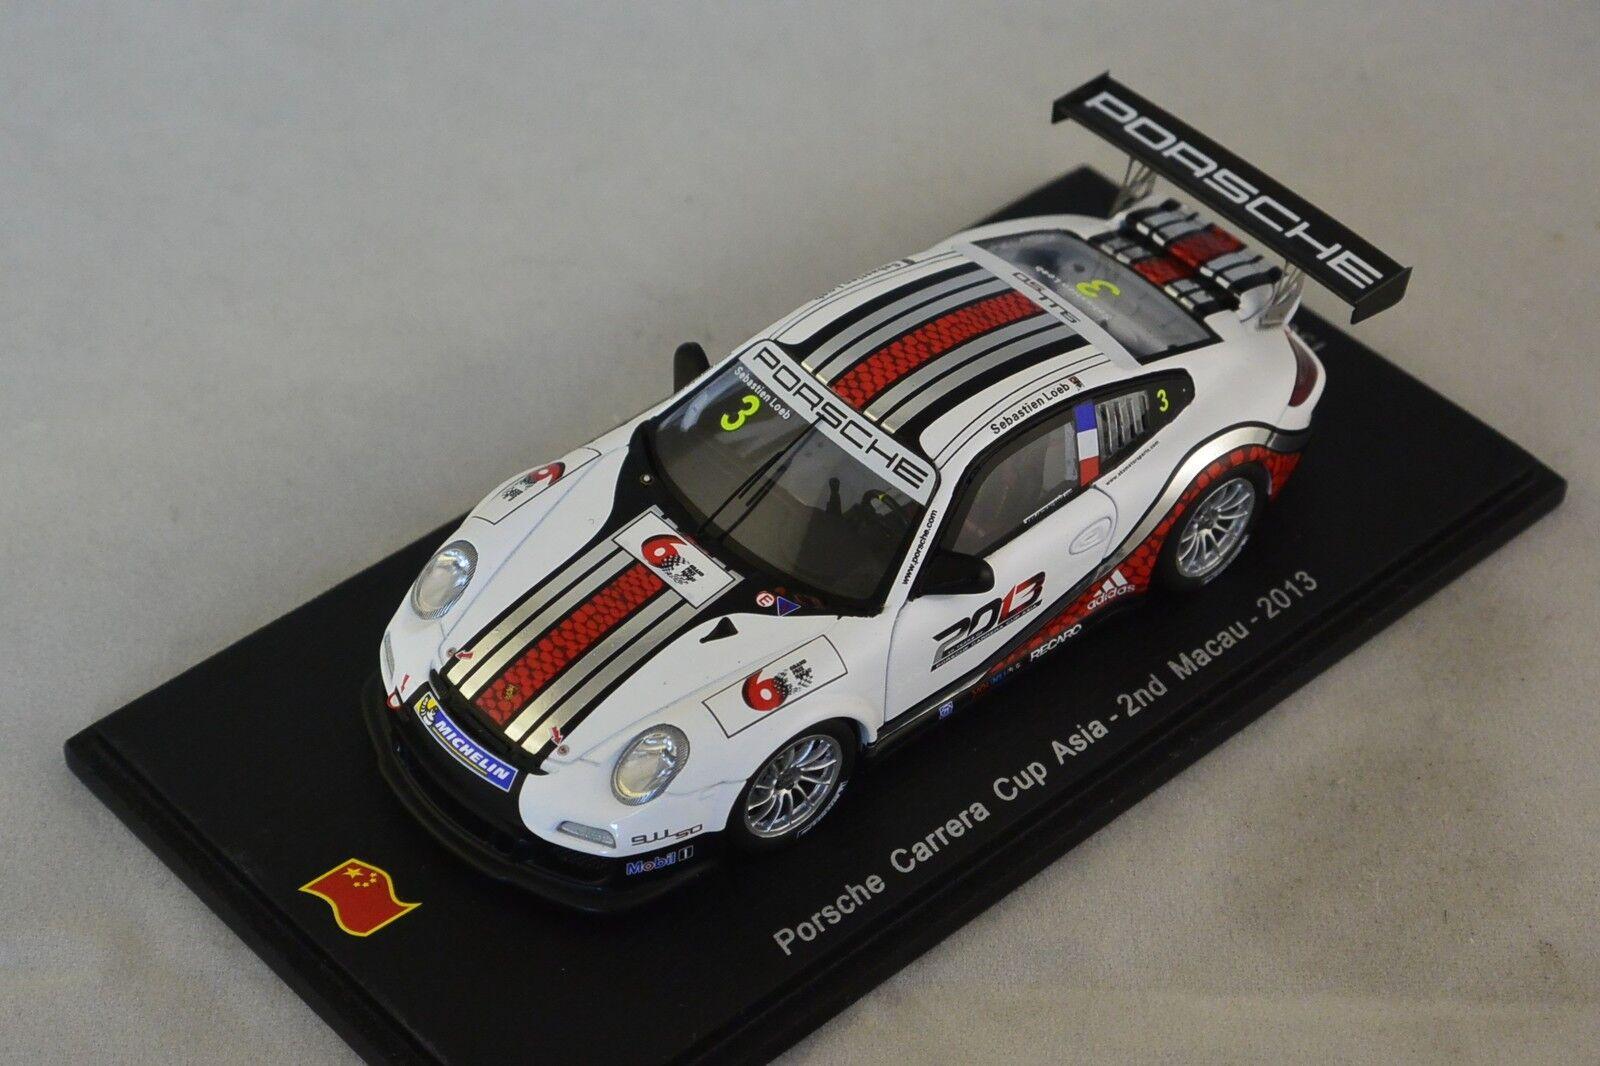 Spark SA042 - PORSCHE 997 GT3 Cup n°3 Carrera Cup Macau 2013 S. Loeb 1 43